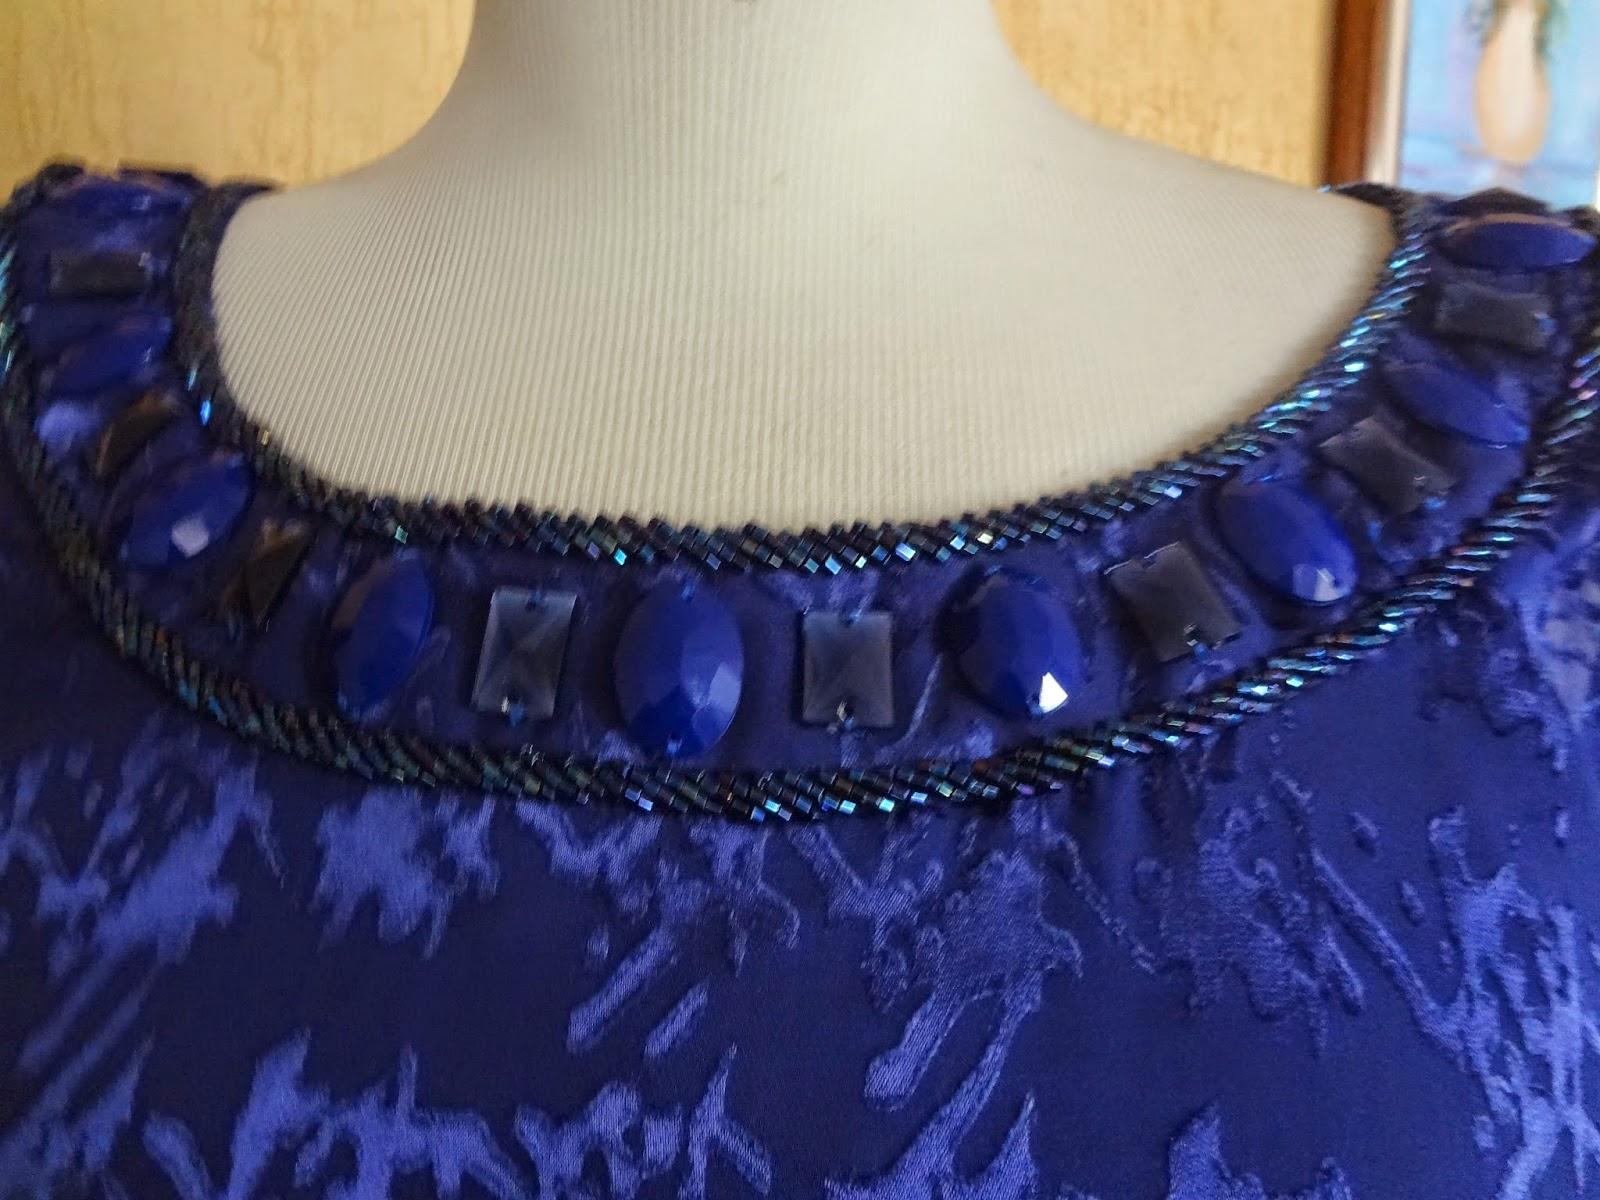 Vestido azul bordado em pedraria